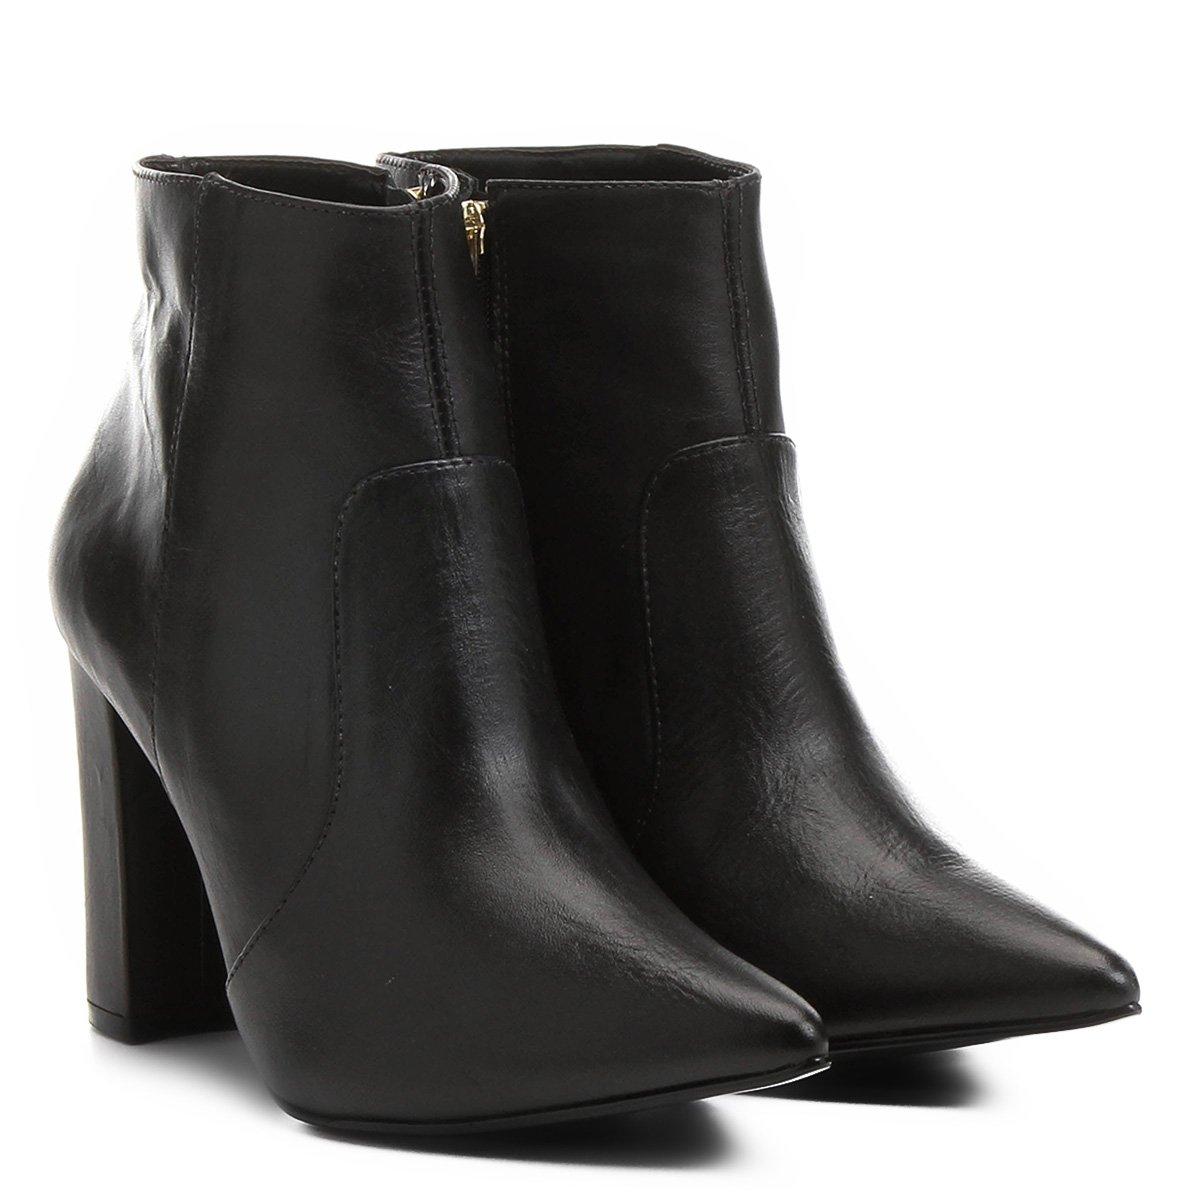 Bota Couro Shoestock Curta Bico Fino Salto Grosso Feminina - Compre Agora  192f9340a9e